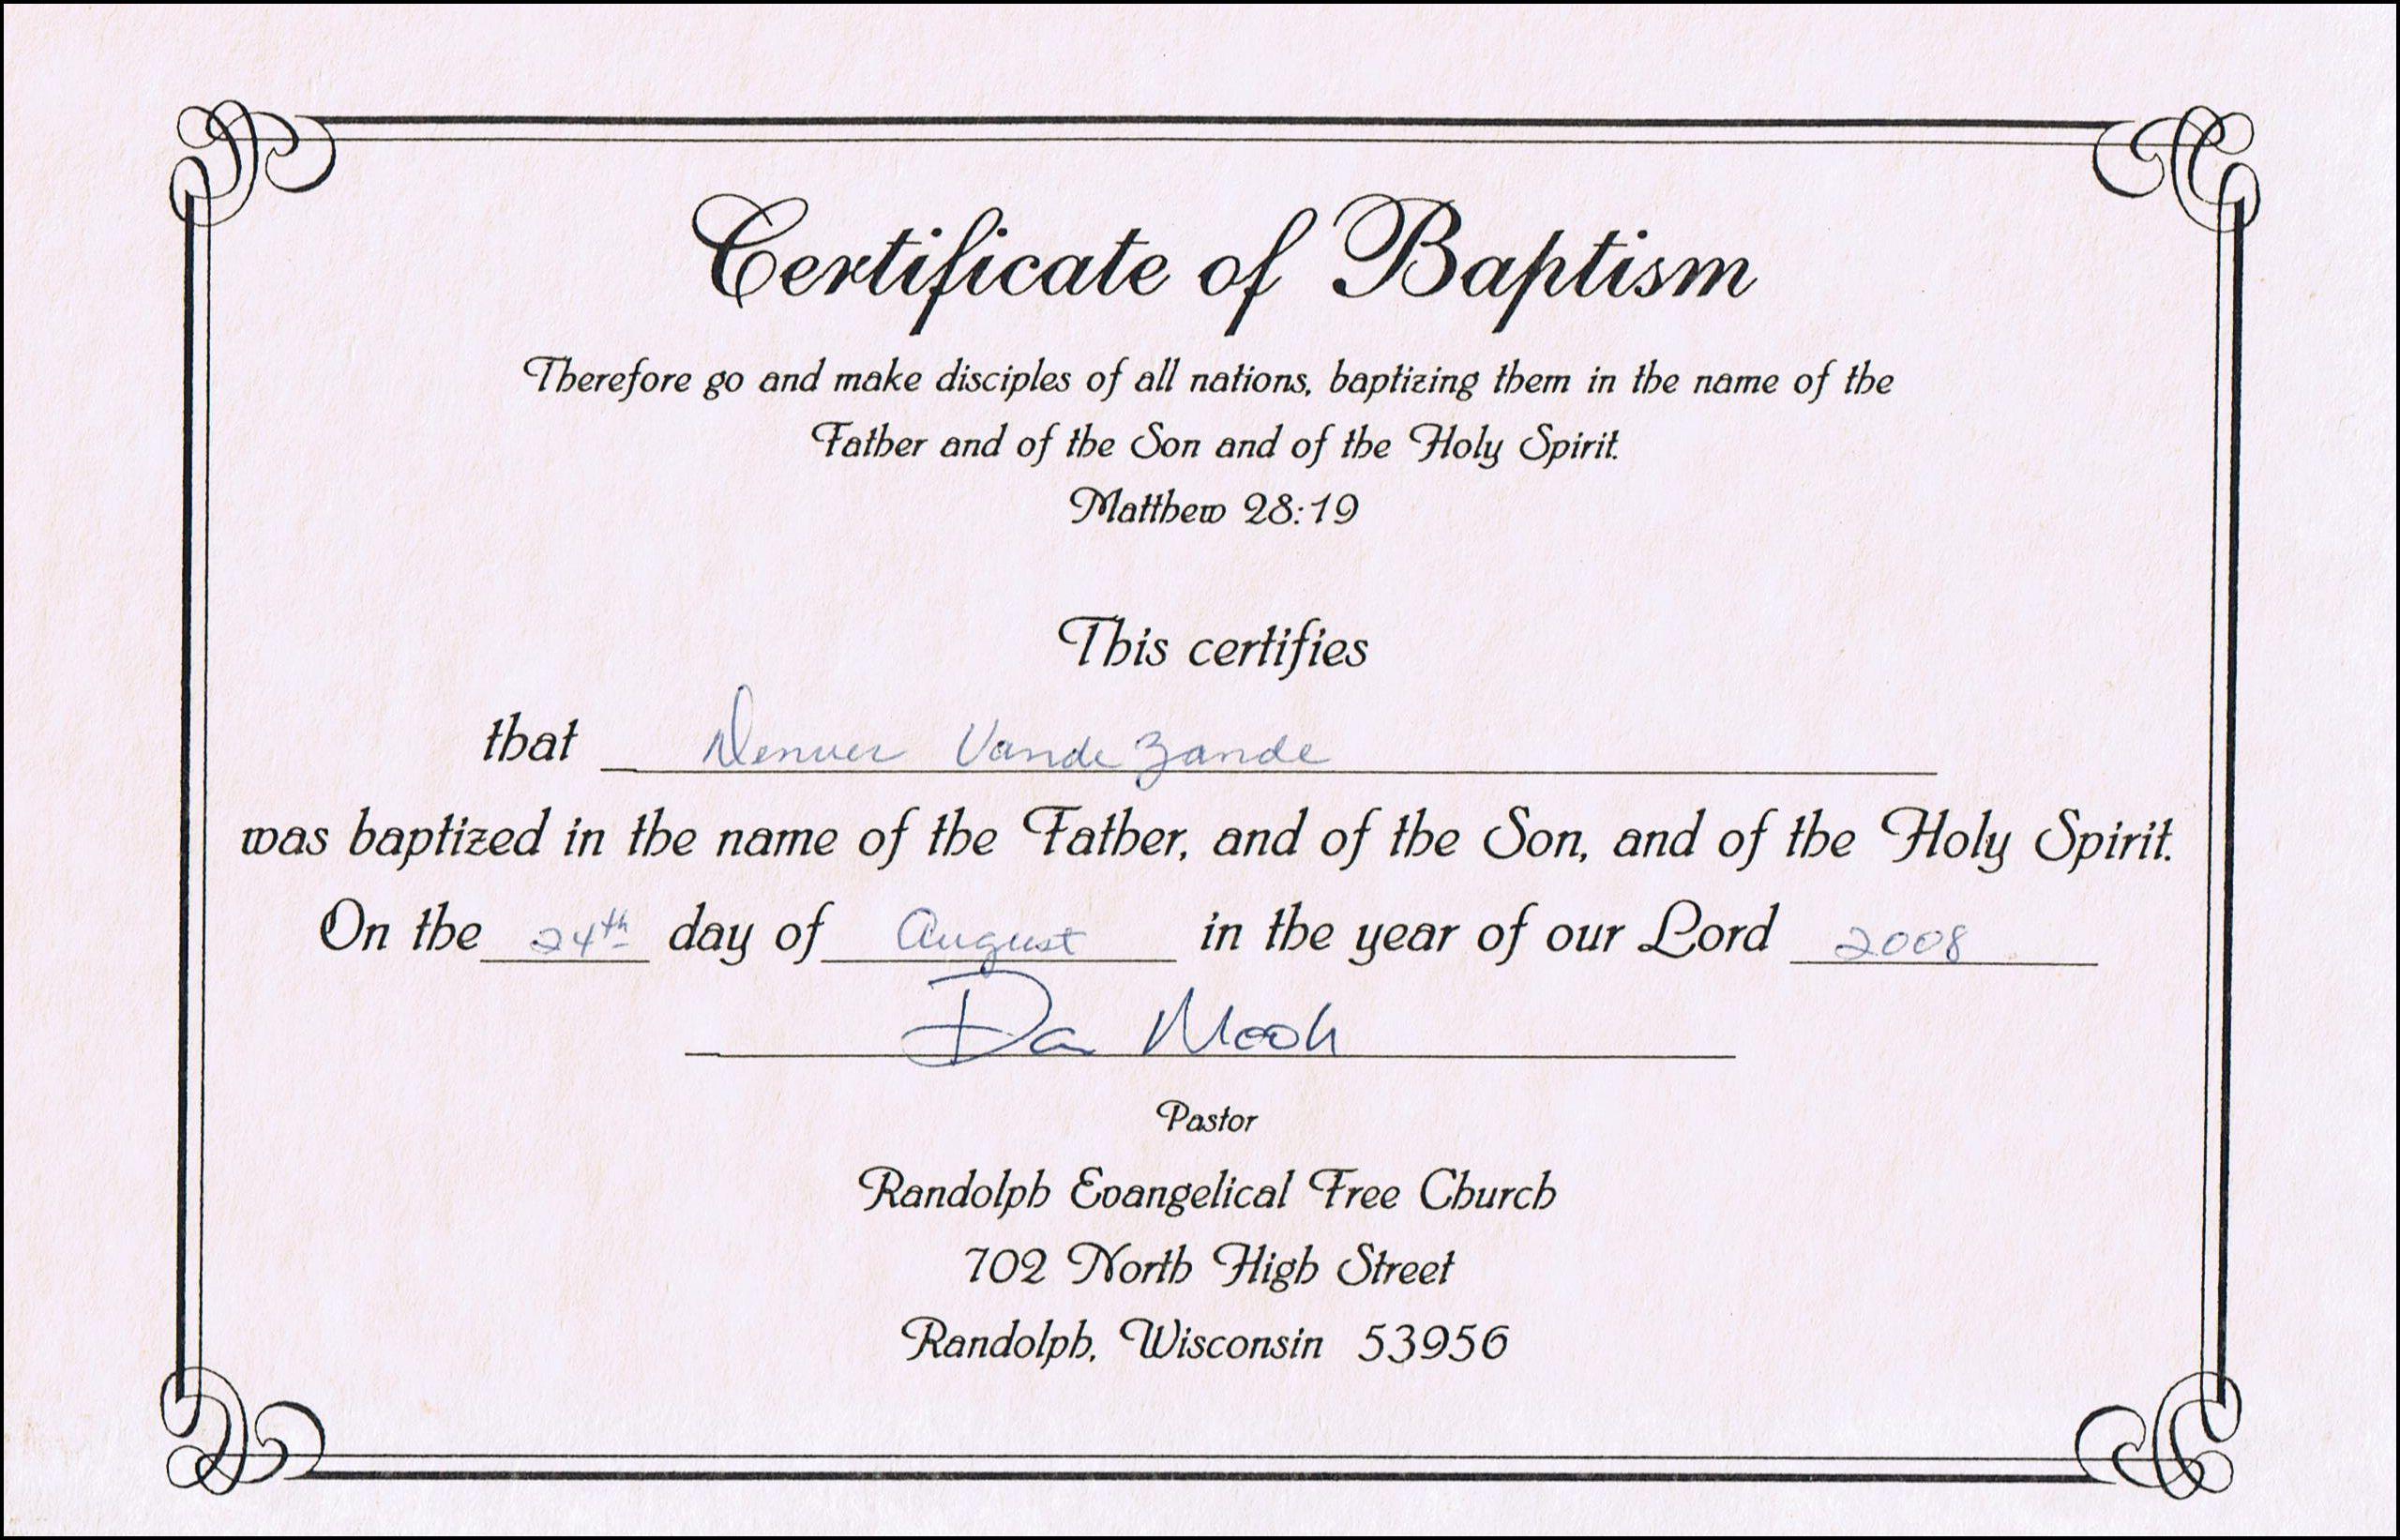 Baptism Certificates Free Online | Denver's Certificate Of Baptism - Free Online Printable Baptism Certificates